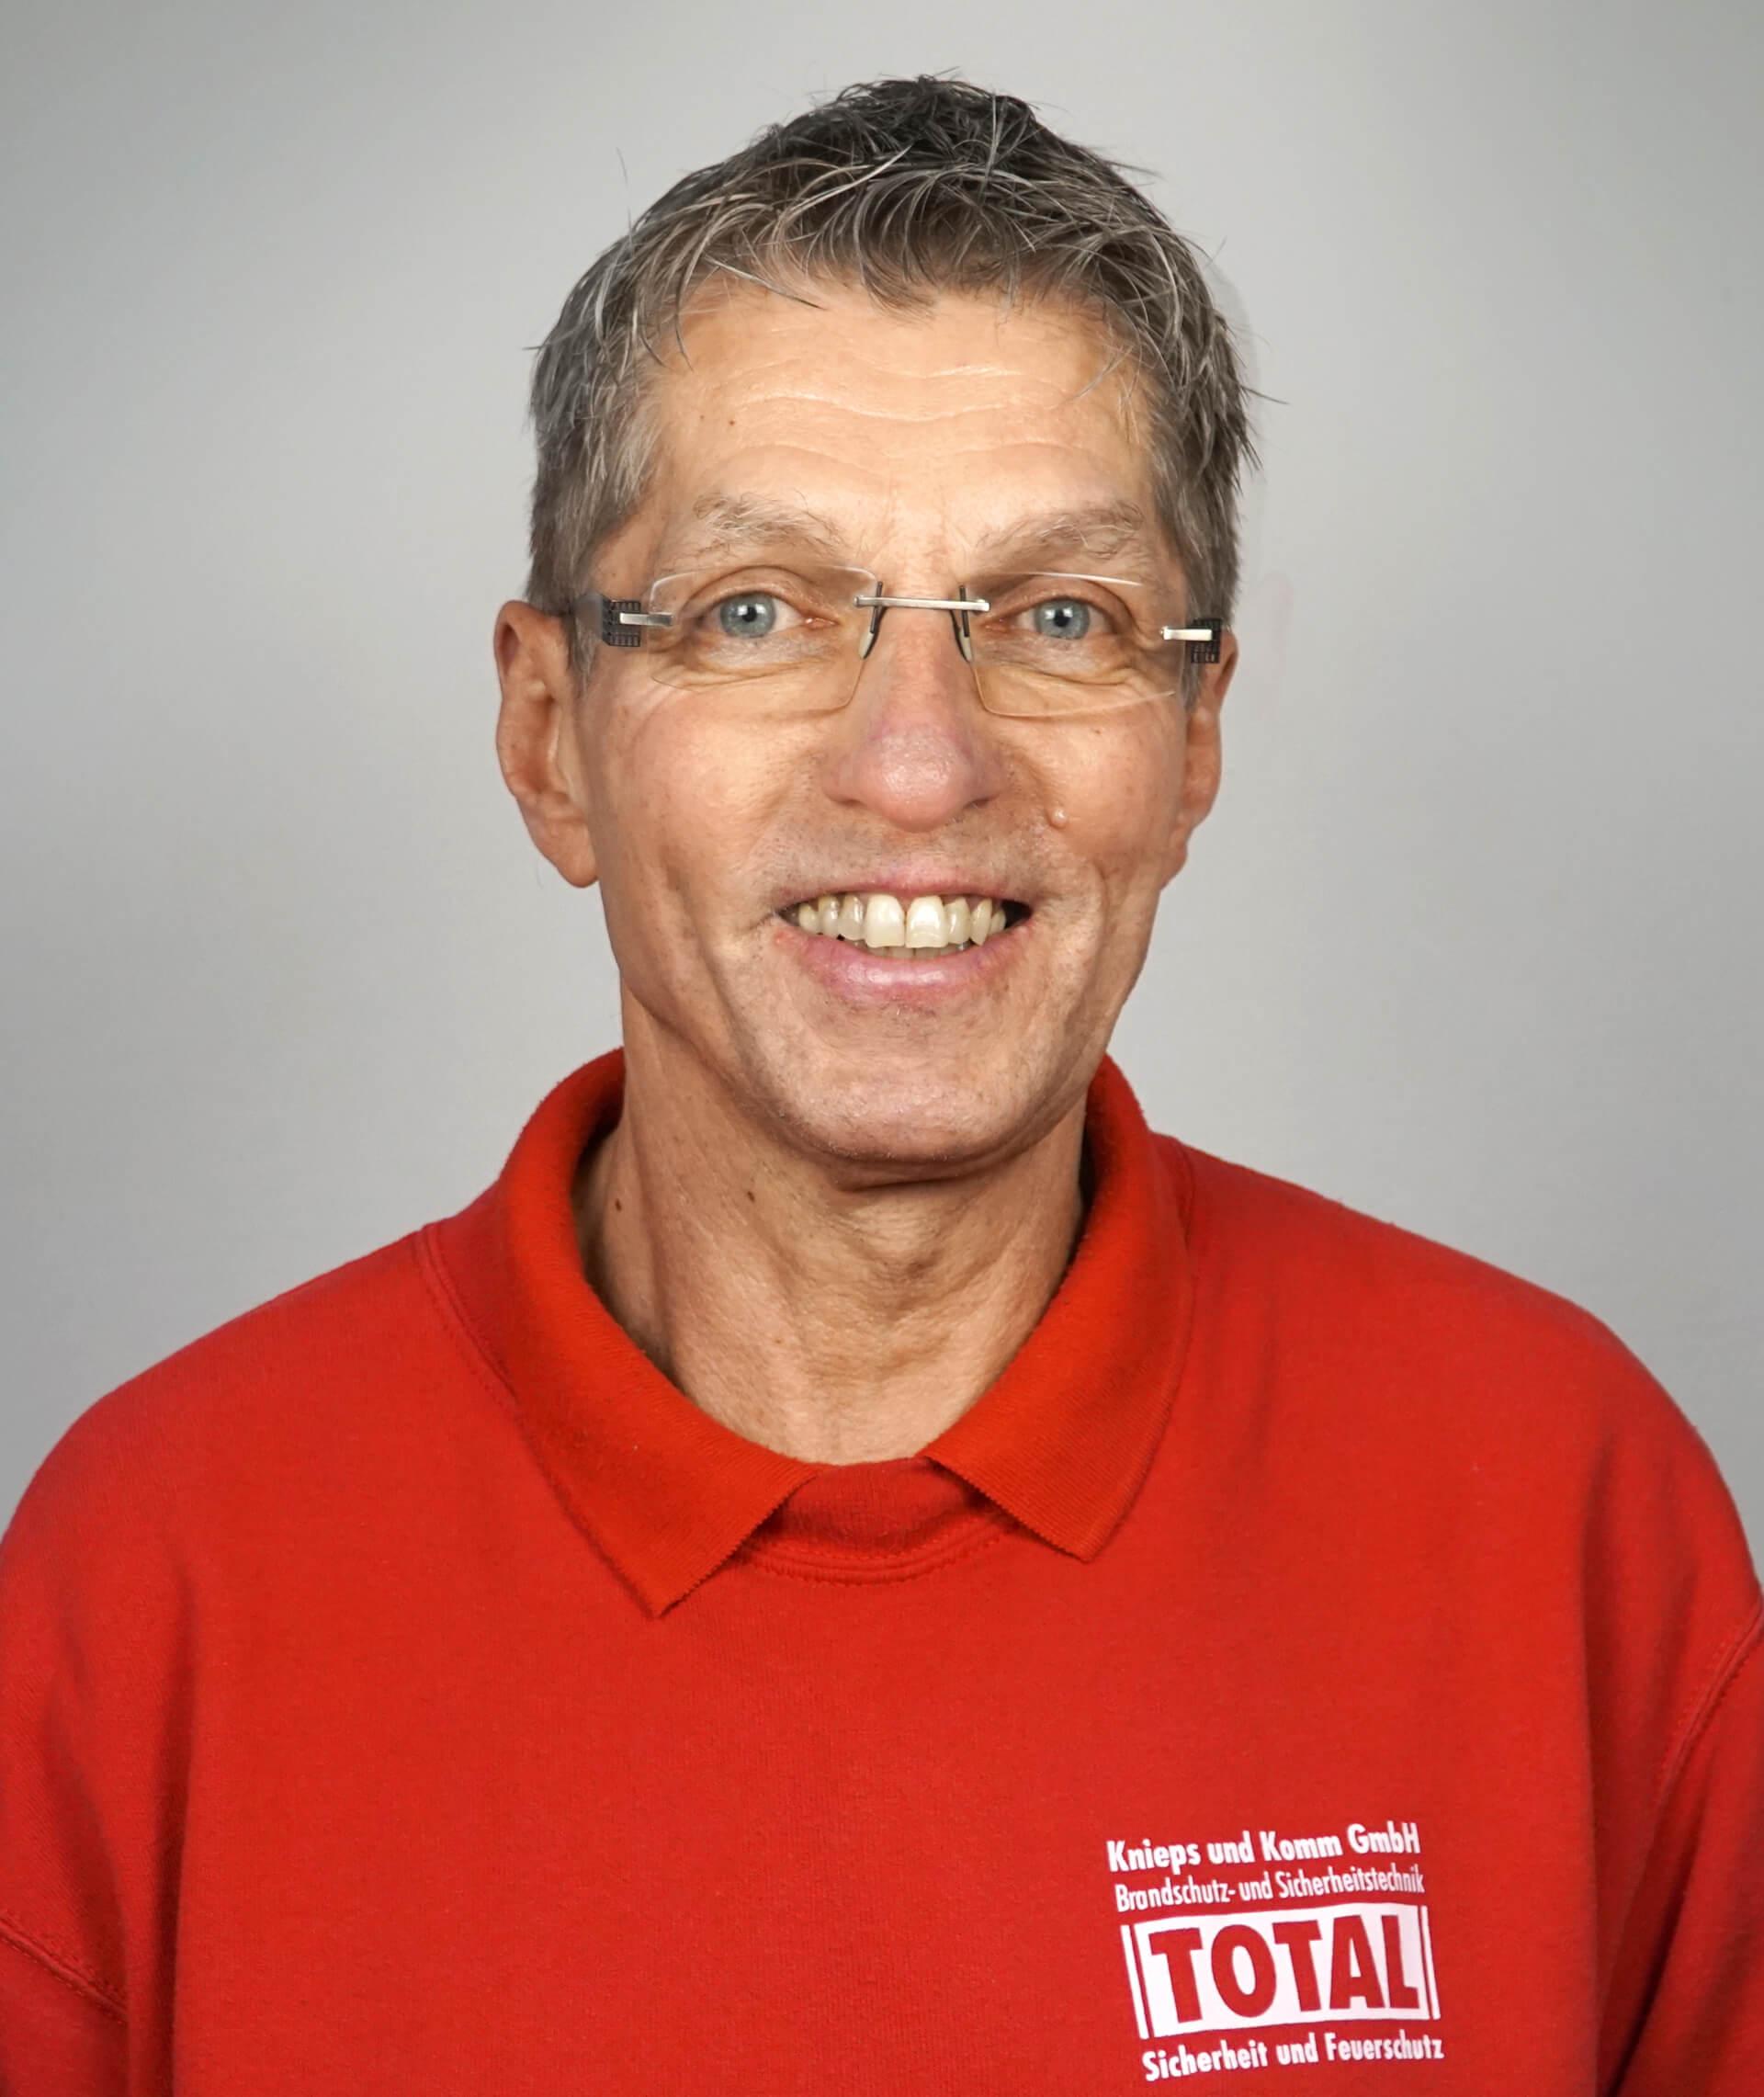 Peter Rogge von der Knieps & Komm GmbH